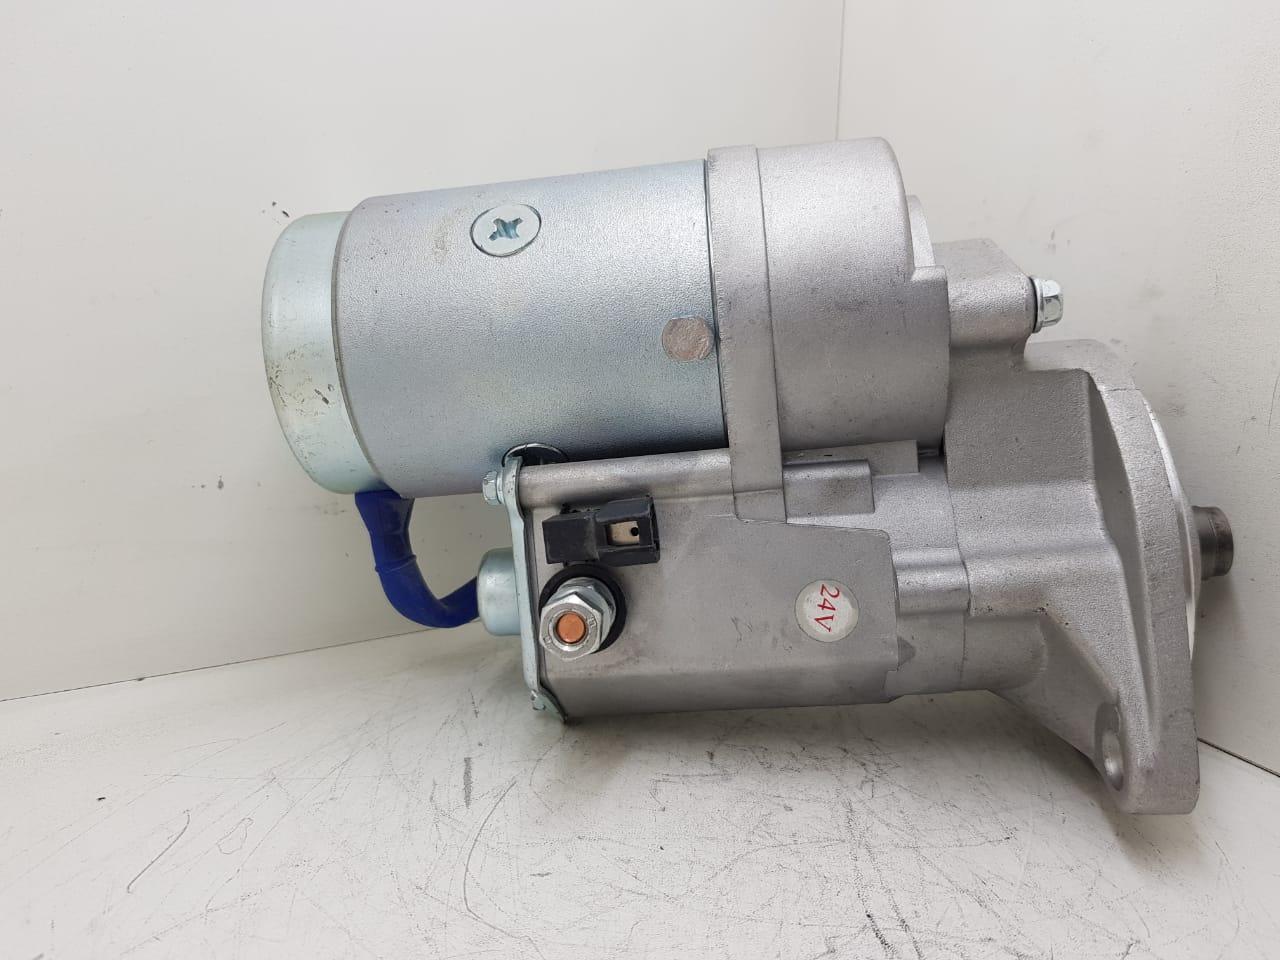 Motor de arranque EMPILHADEIRAS COM MOTOR NKR 3.3 E MOTOR YANMAR 24V 9 DENTES S2403A AEC17046